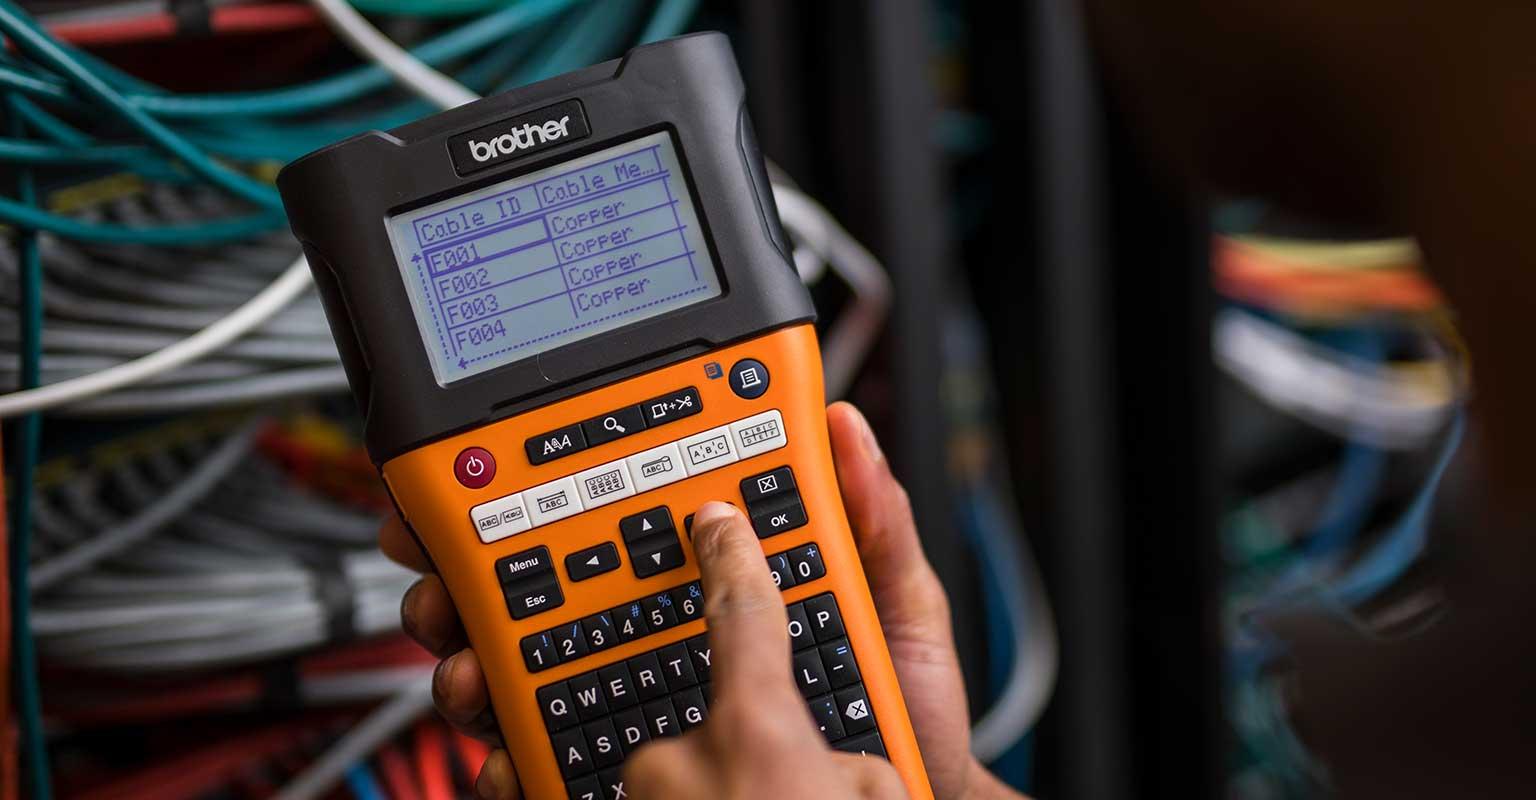 PT-E550W pisač naljepnica s identifikacijom za mrežni kabel odabranom za ispis